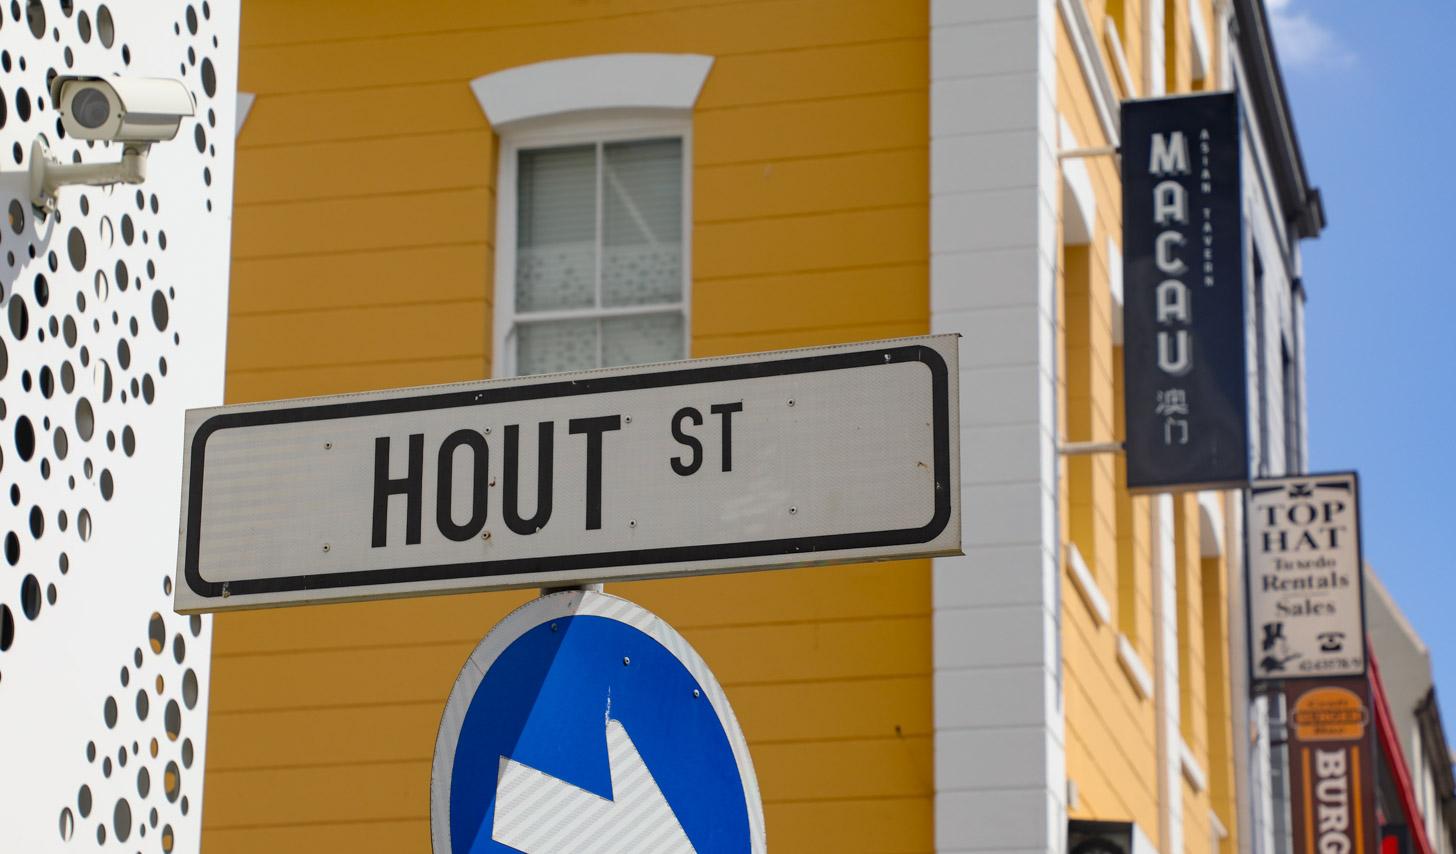 Hout Street in Kaapstad